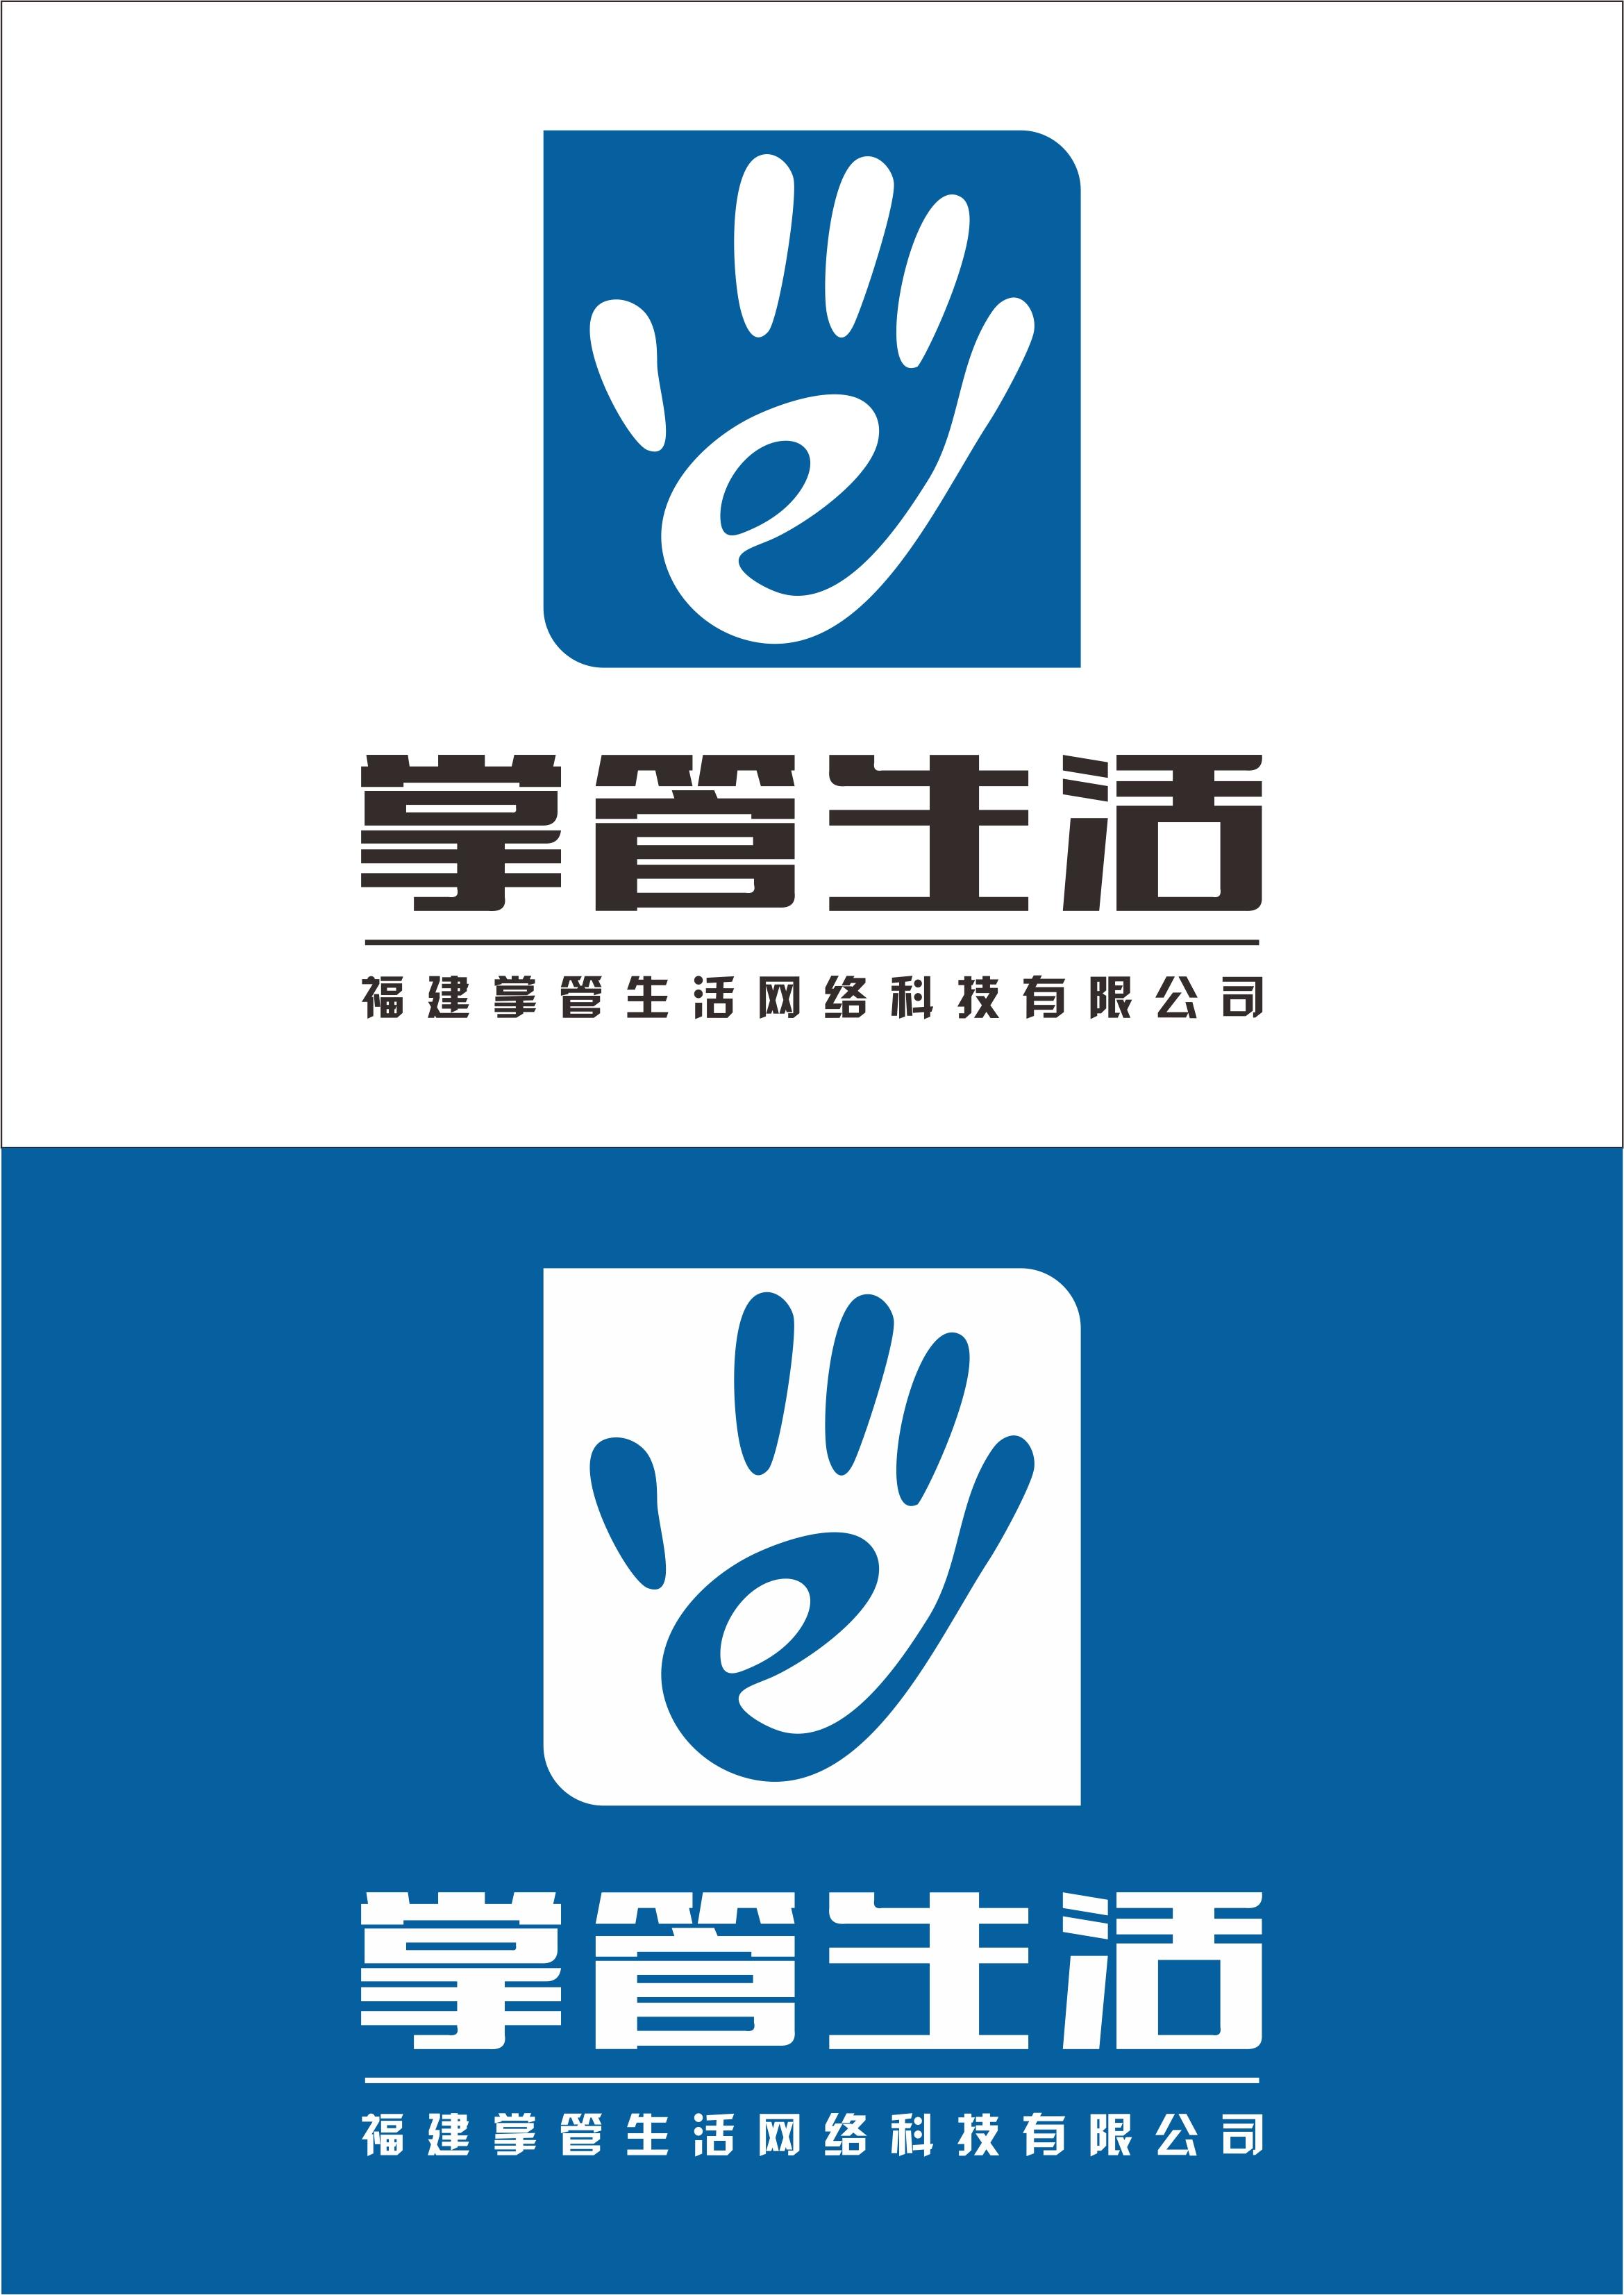 电商公司logo设计_fanghaoxiang